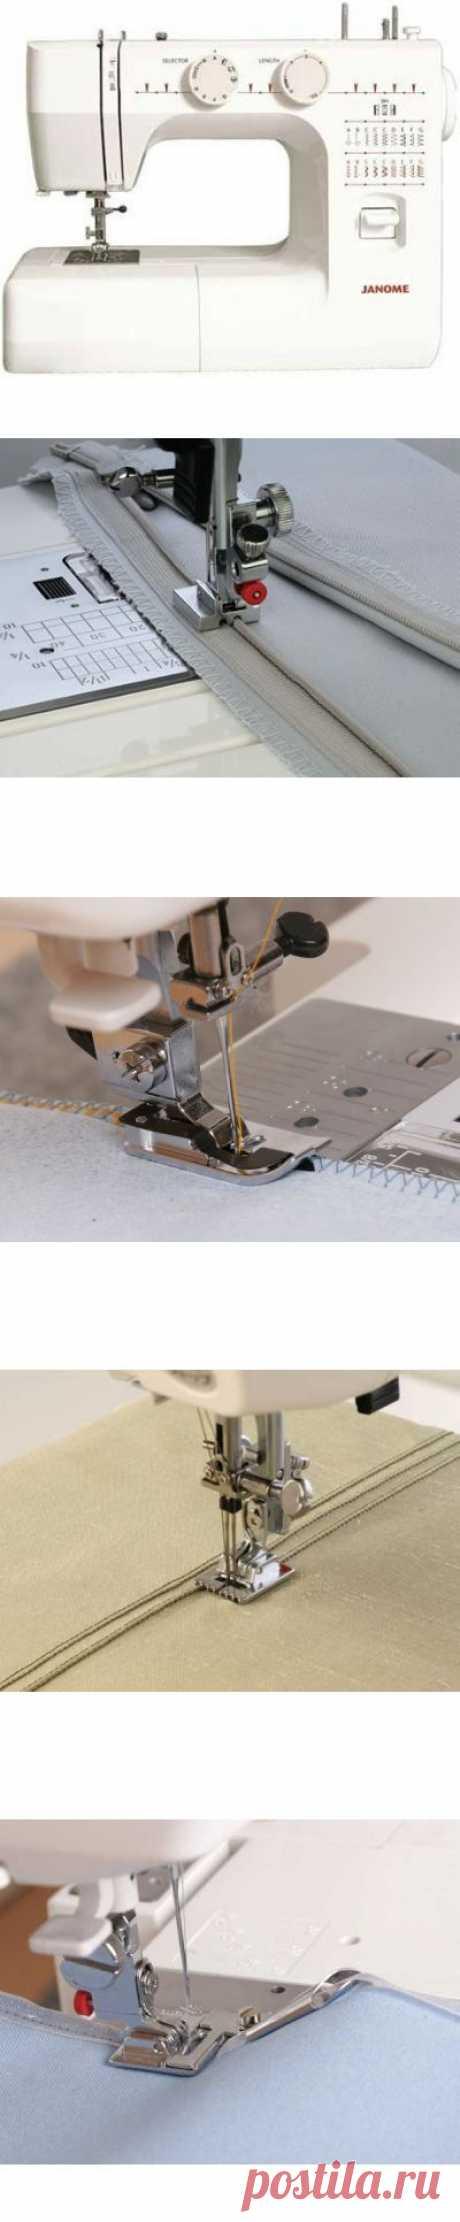 Как пользоваться дополнительными лапками для швейных машин JANOME и FAMILY .